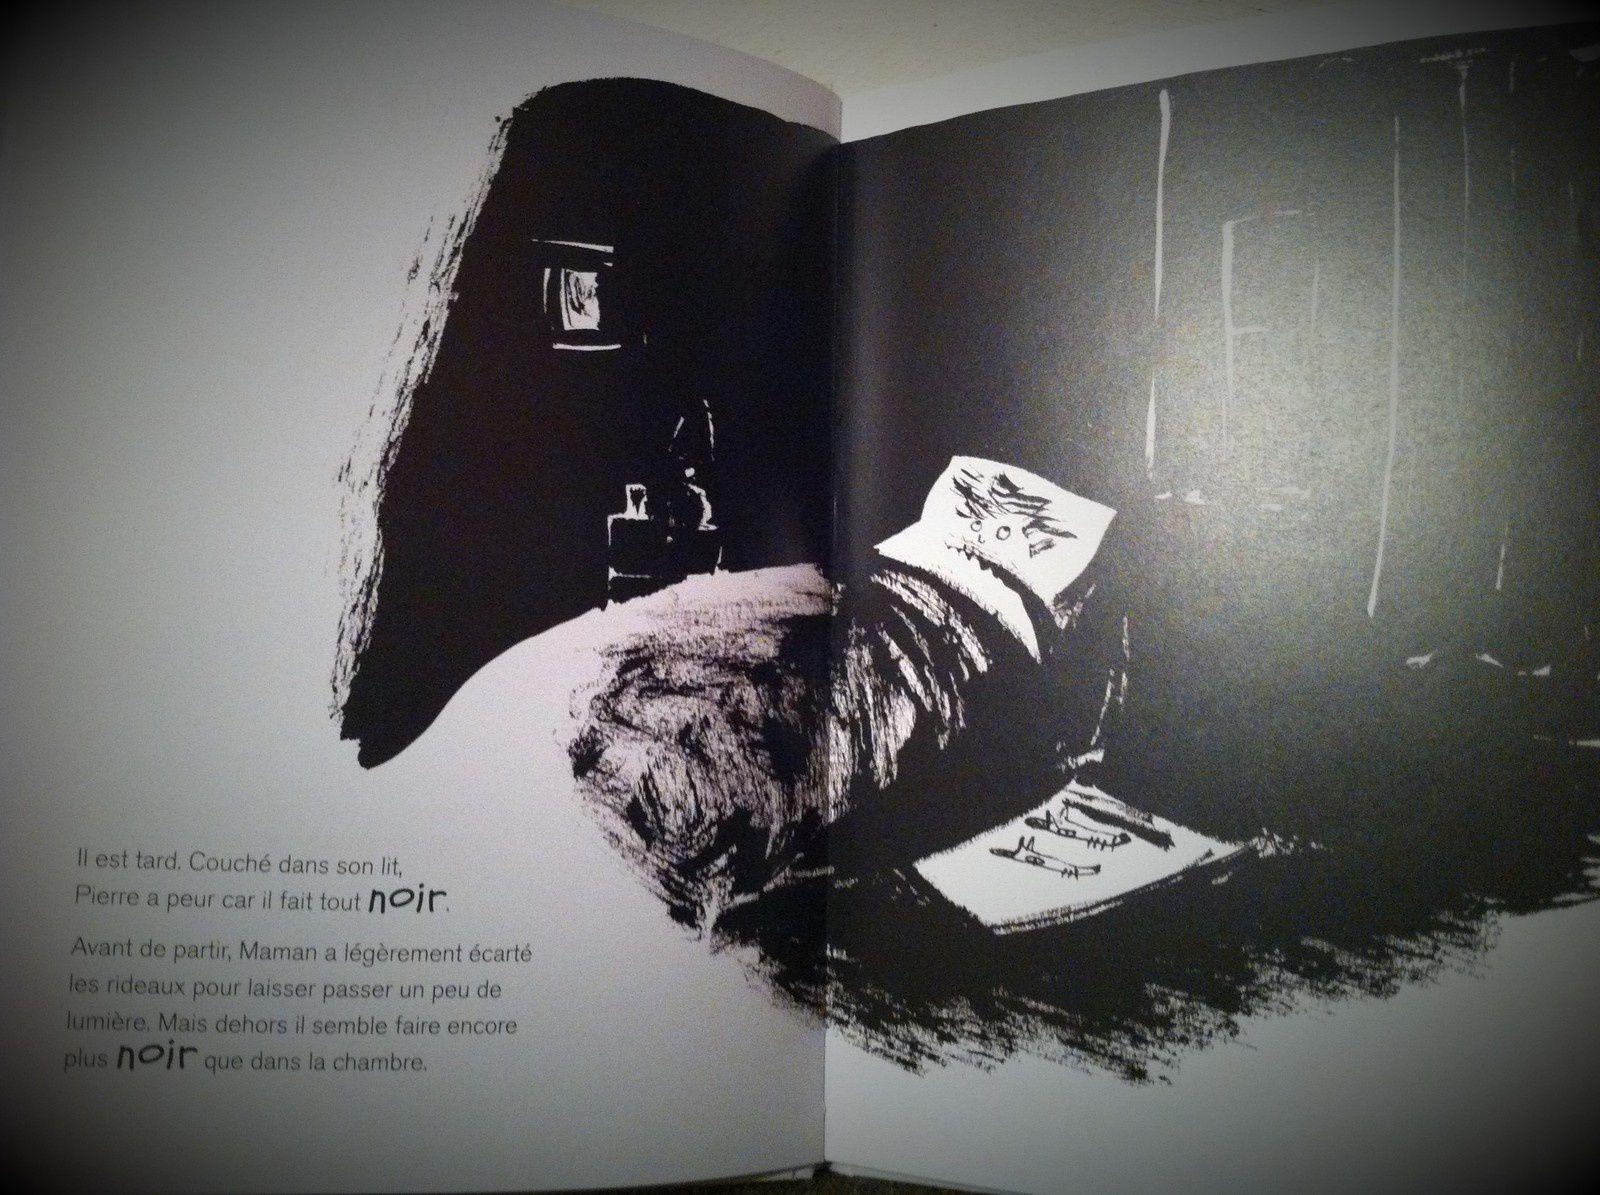 Chut les enfants lisent #84 : Pierre n'a plus peur du noir